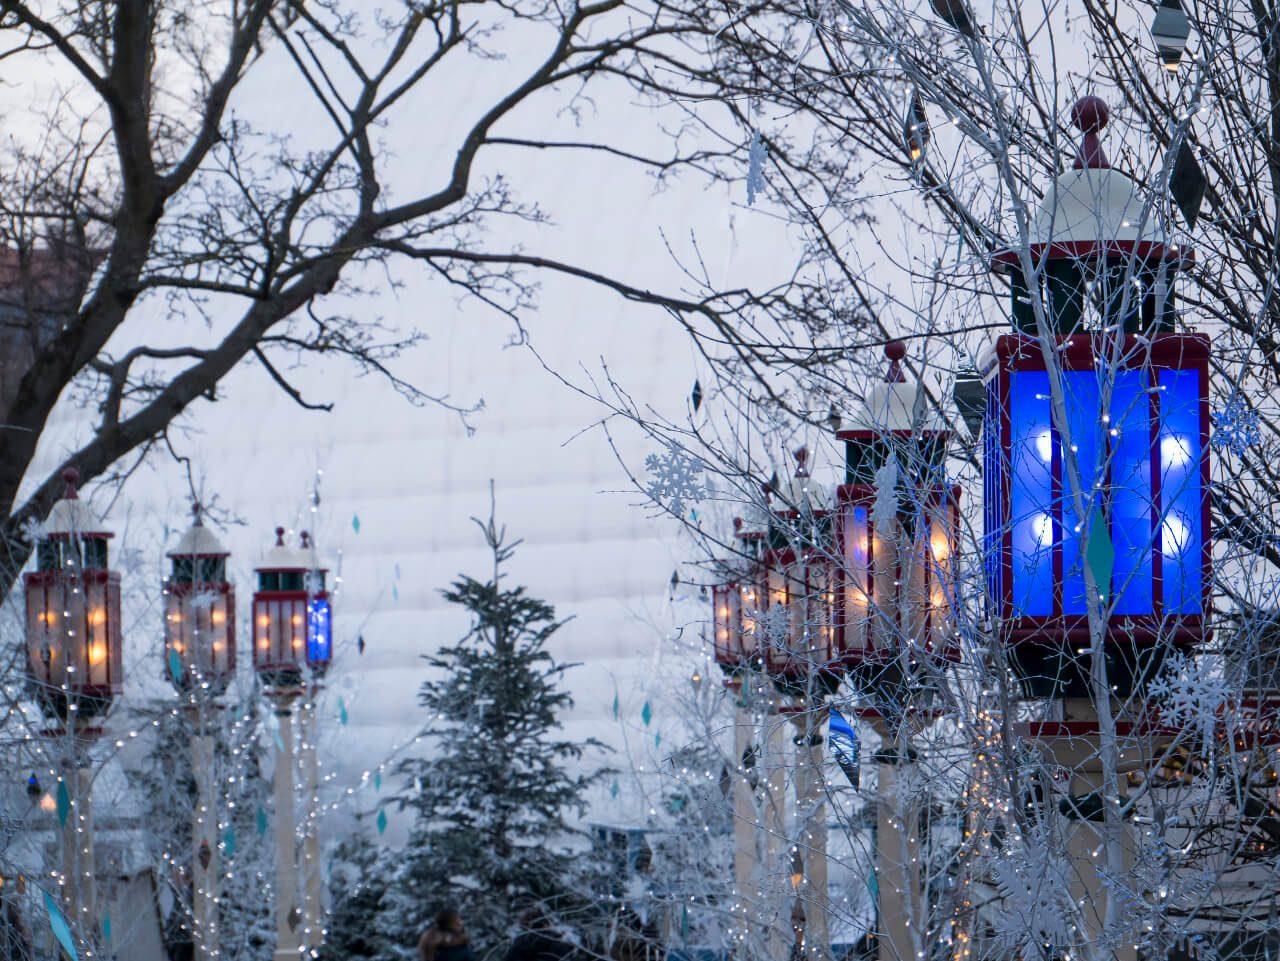 Zimowy wystrój ogrodów Tivoli w Kopenhadze